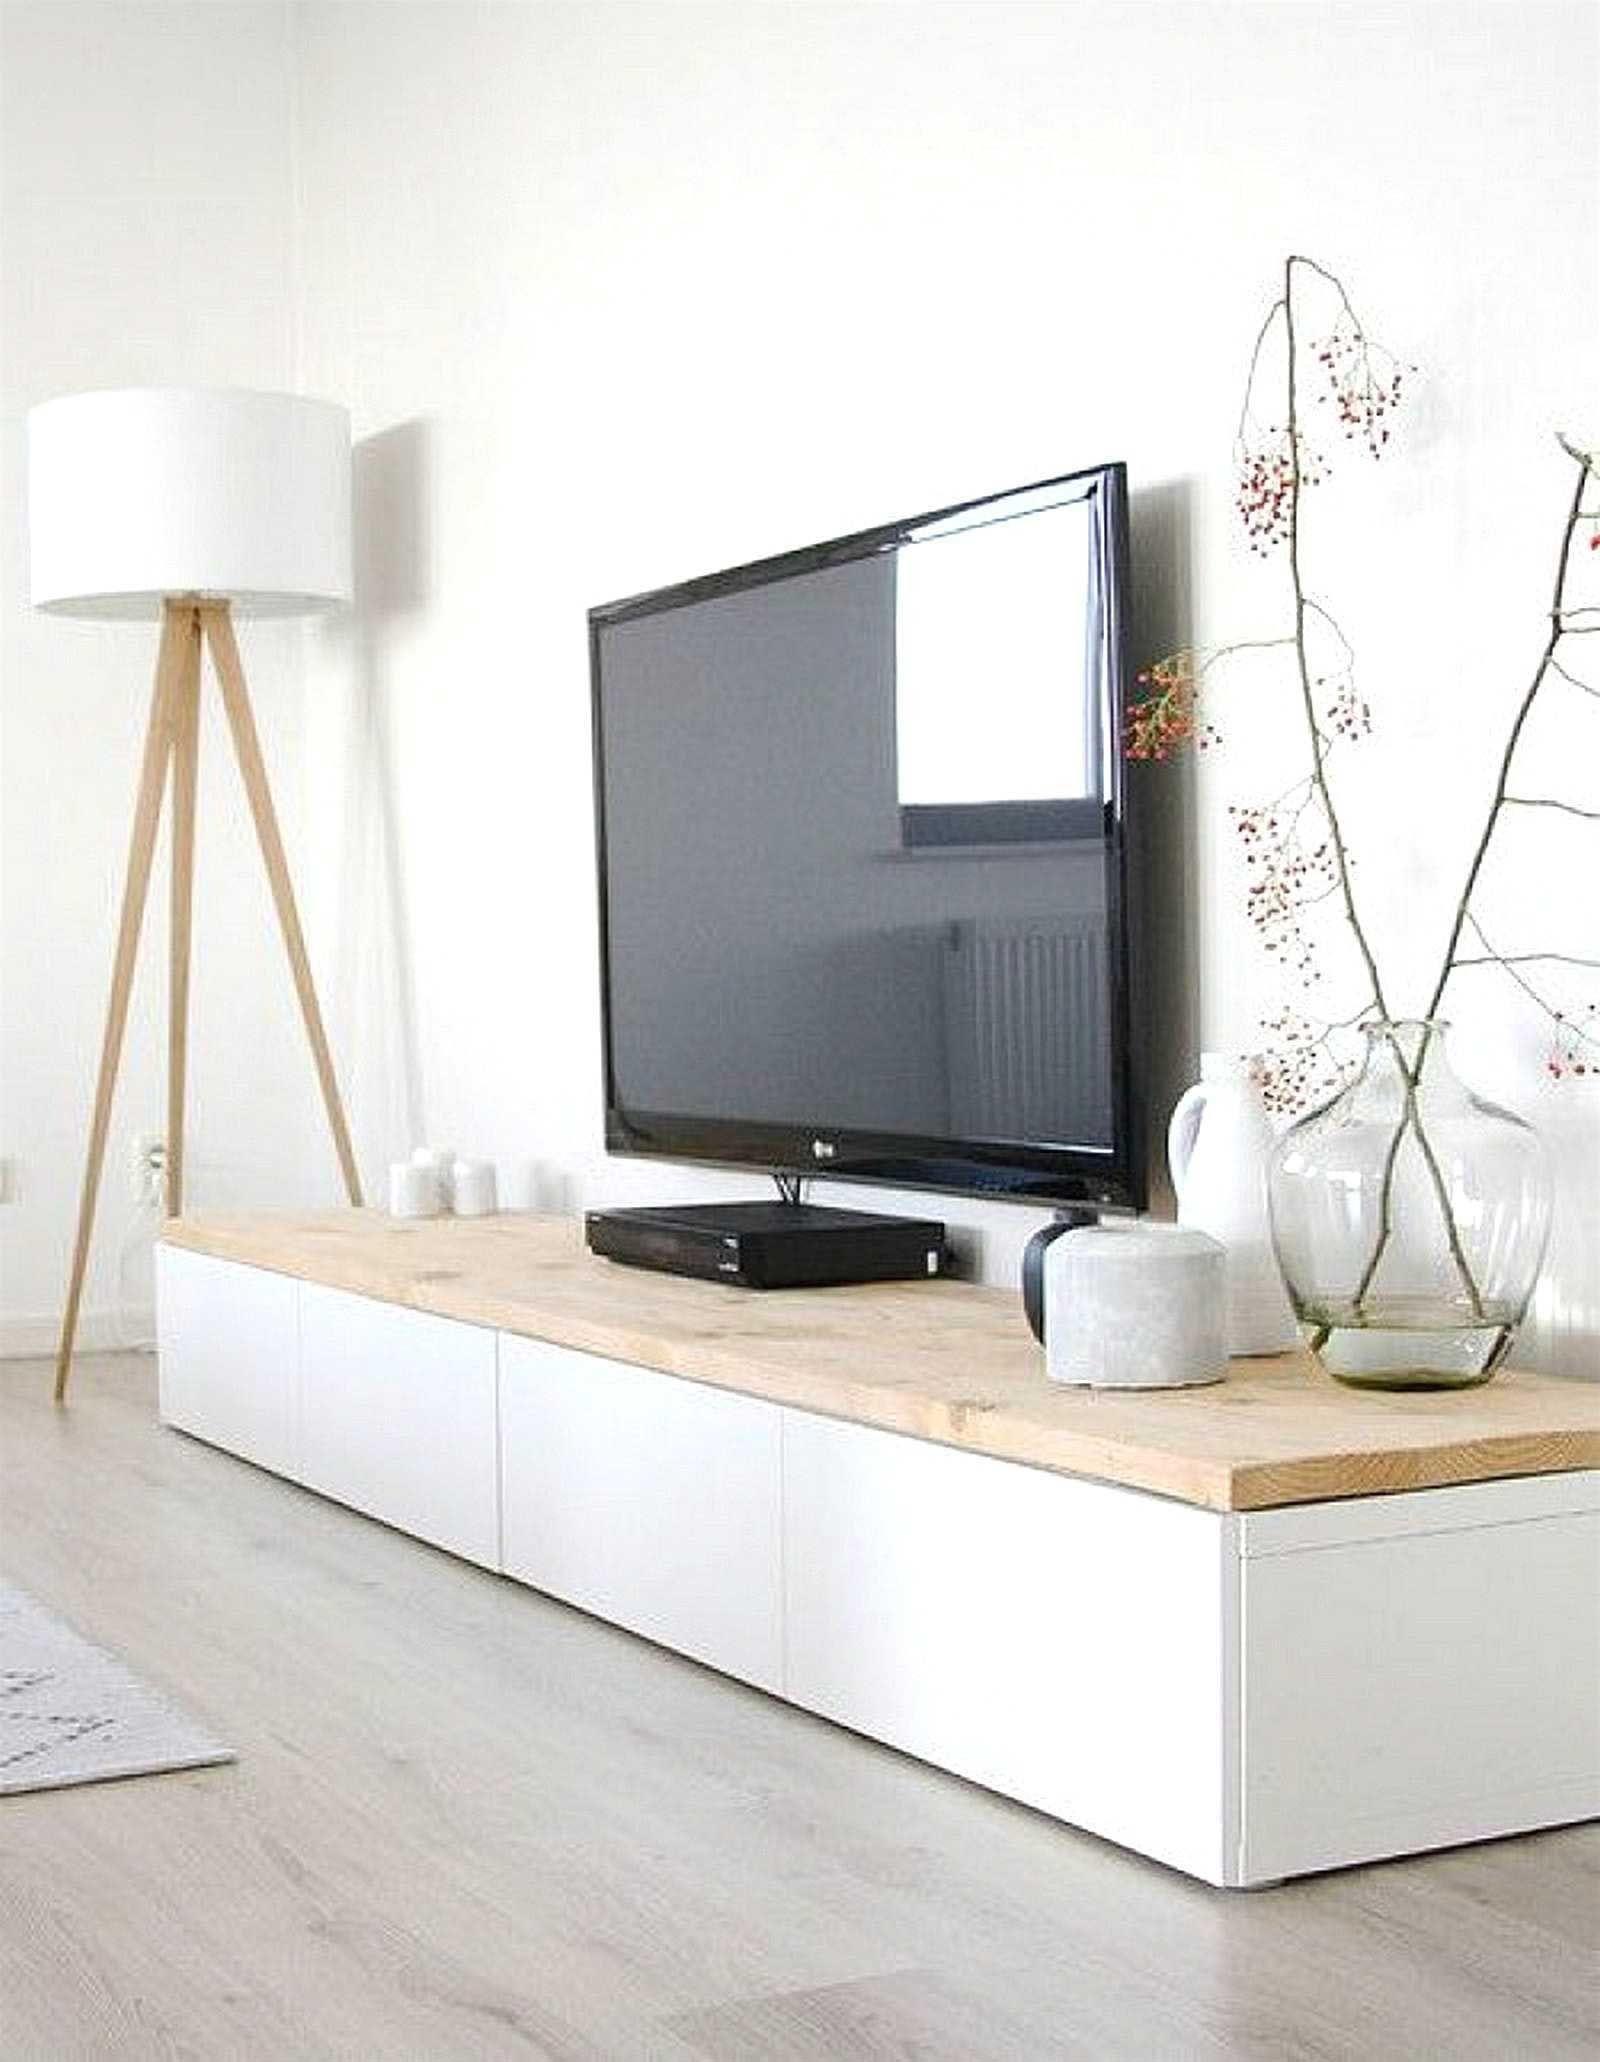 Meuble Ikea Besta Blanc meuble tv suspendu blanc 100 concept meuble tv suspendu